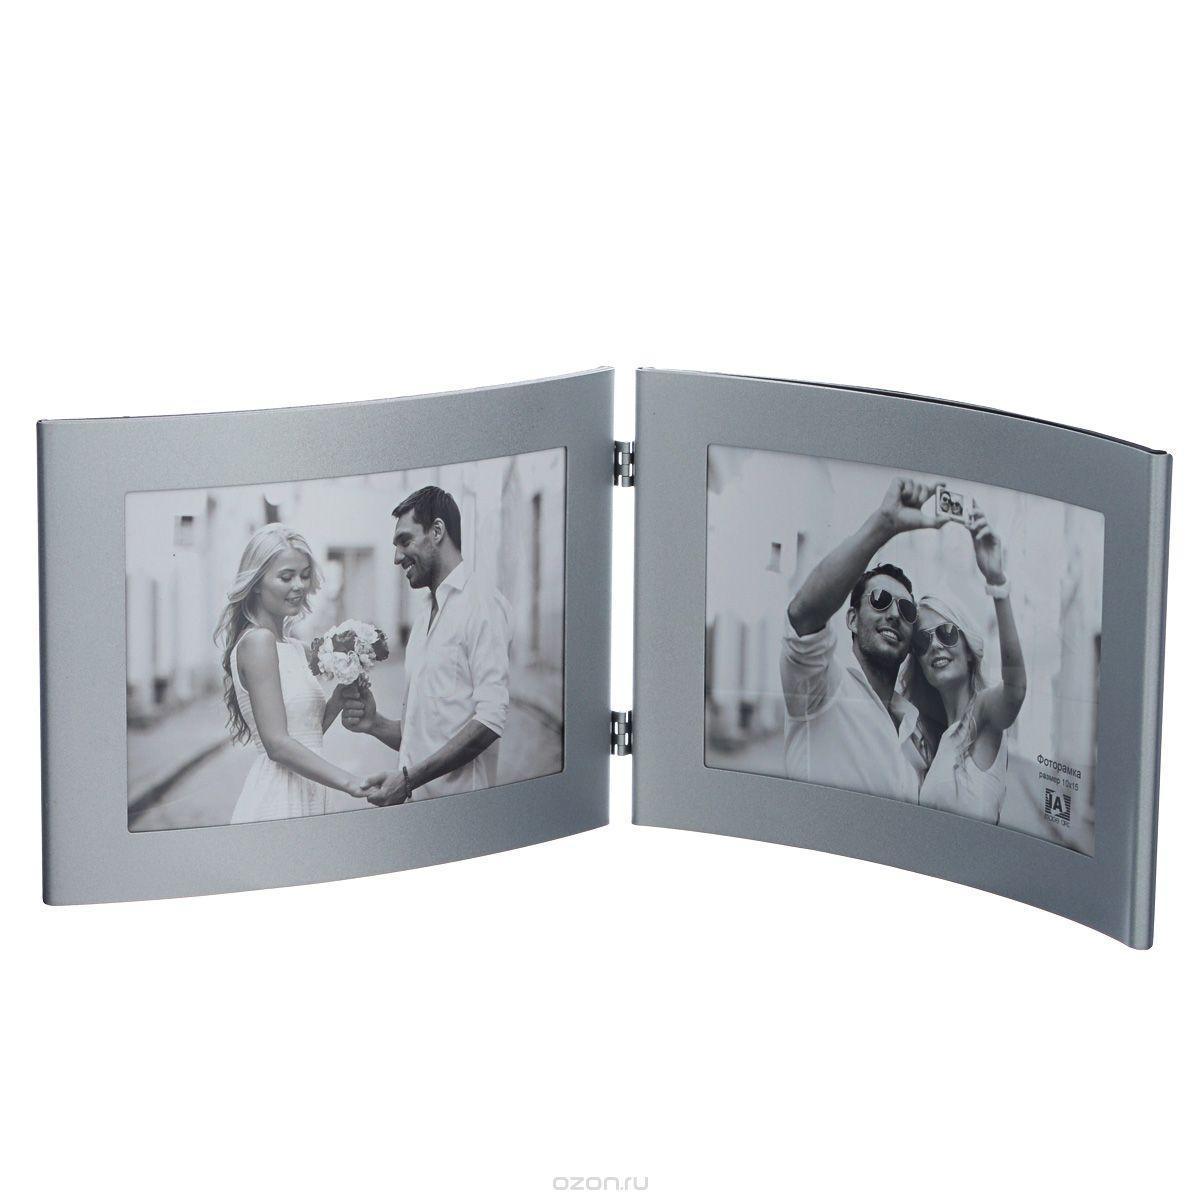 Фоторамка Image Art 6015/2-4S ( серебро)5055398693070Фоторамка Image Art - прекрасный способ красиво оформить ваши фотографии. Изделие рассчитано на 2 фотографии. Фоторамка выполнена из металла и защищена стеклом. Фоторамку можно поставить на стол или подвесить на стену, для чего с задней стороны предусмотрены специальные отверстия. Такая фоторамка поможет сохранить на память самые яркие моменты вашей жизни, а стильный дизайн сделает ее прекрасным дополнением интерьера.